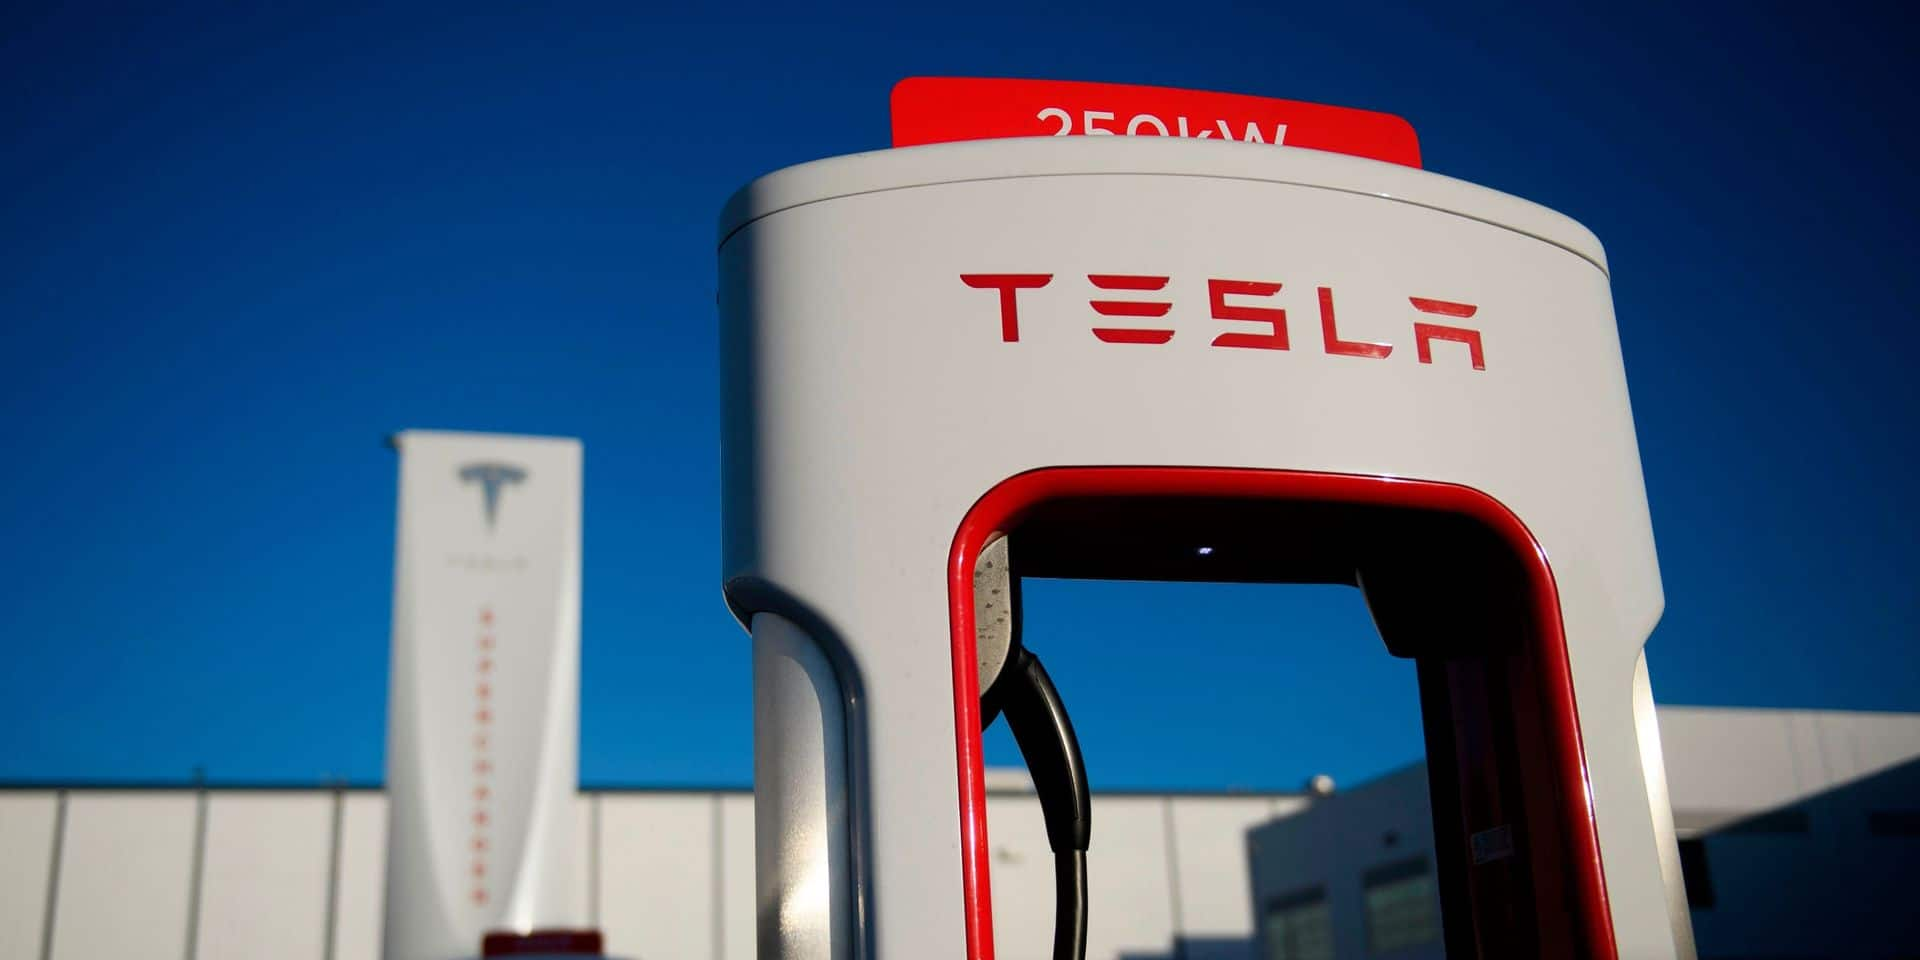 Tesla prié de rappeler 158 000 voitures pour un défaut lié à la sécurité